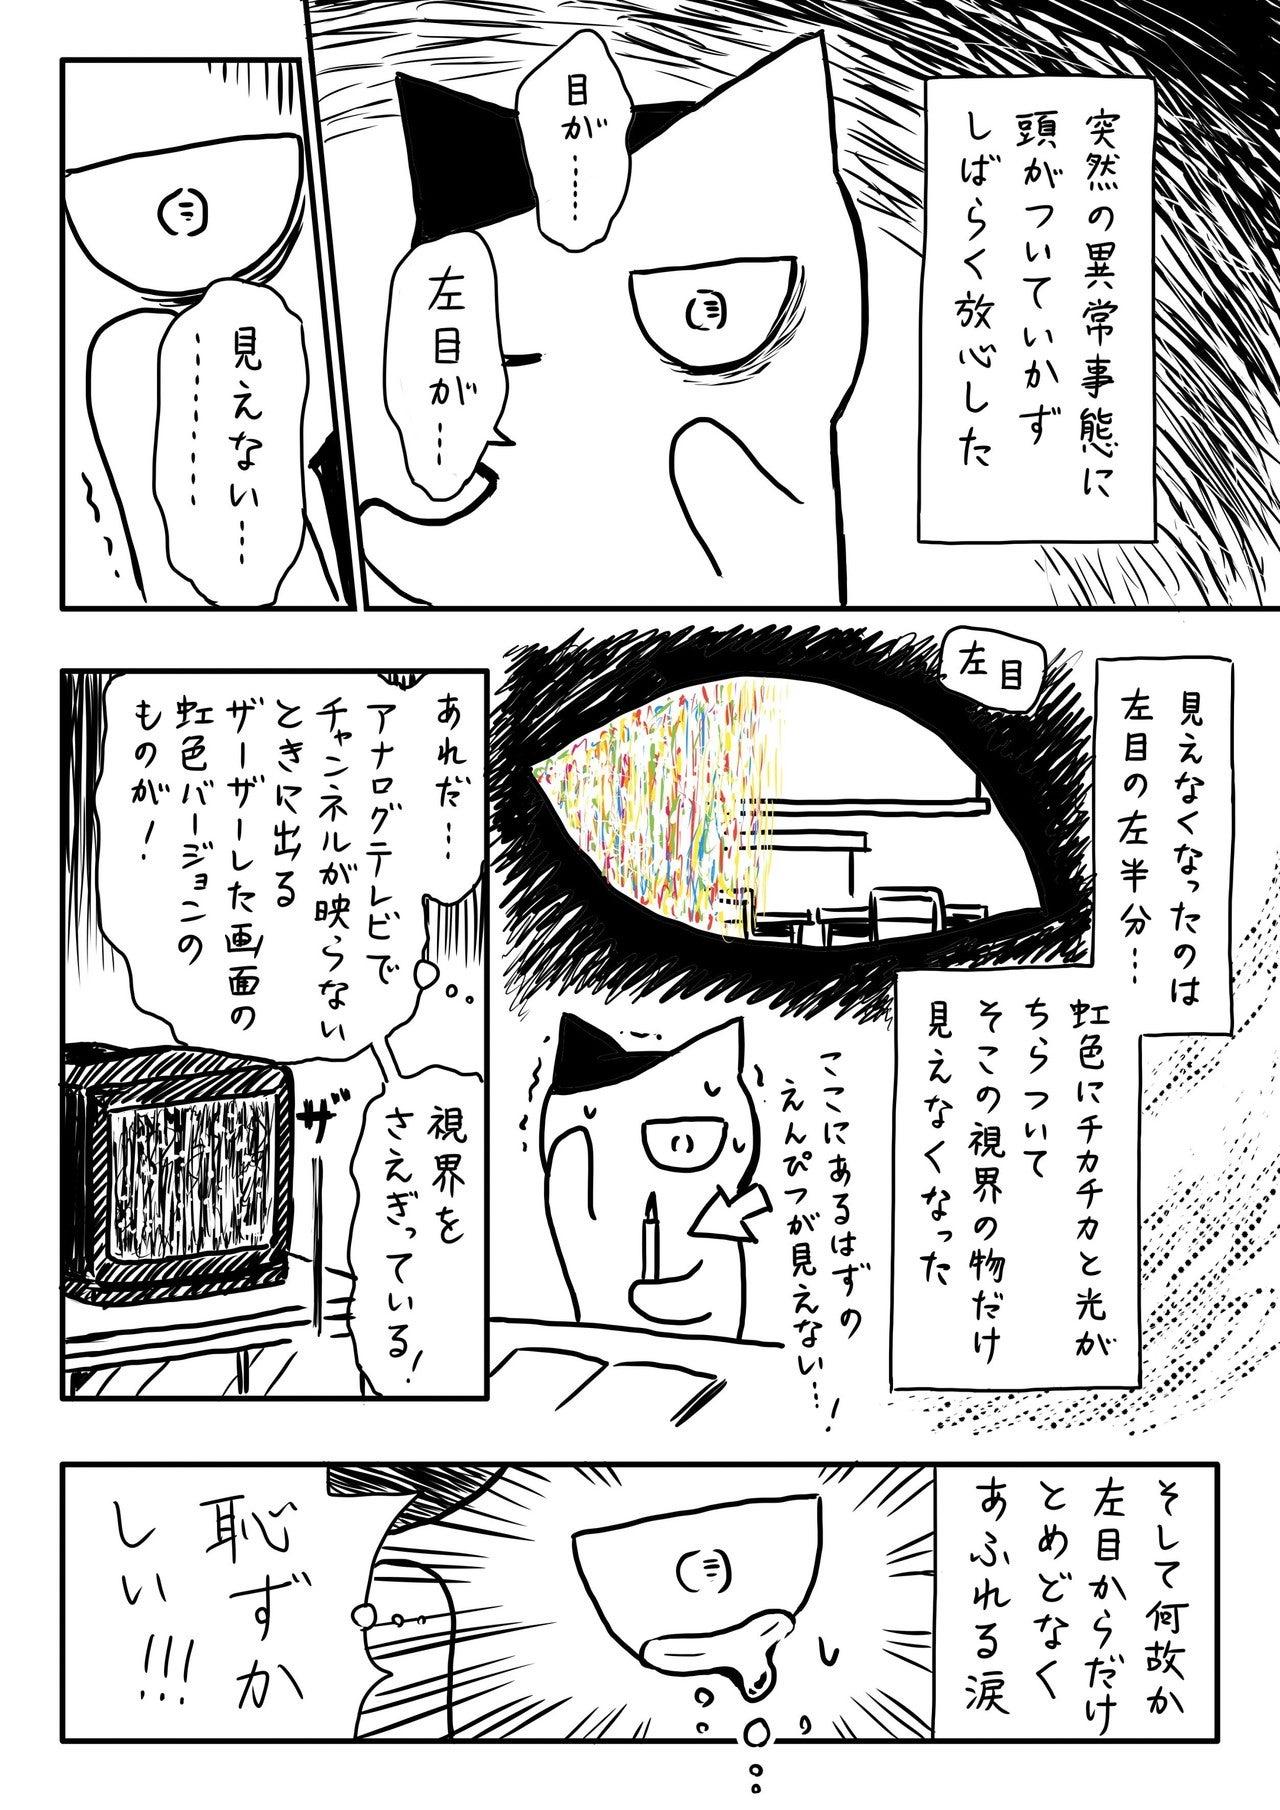 JPEGイメージ_41